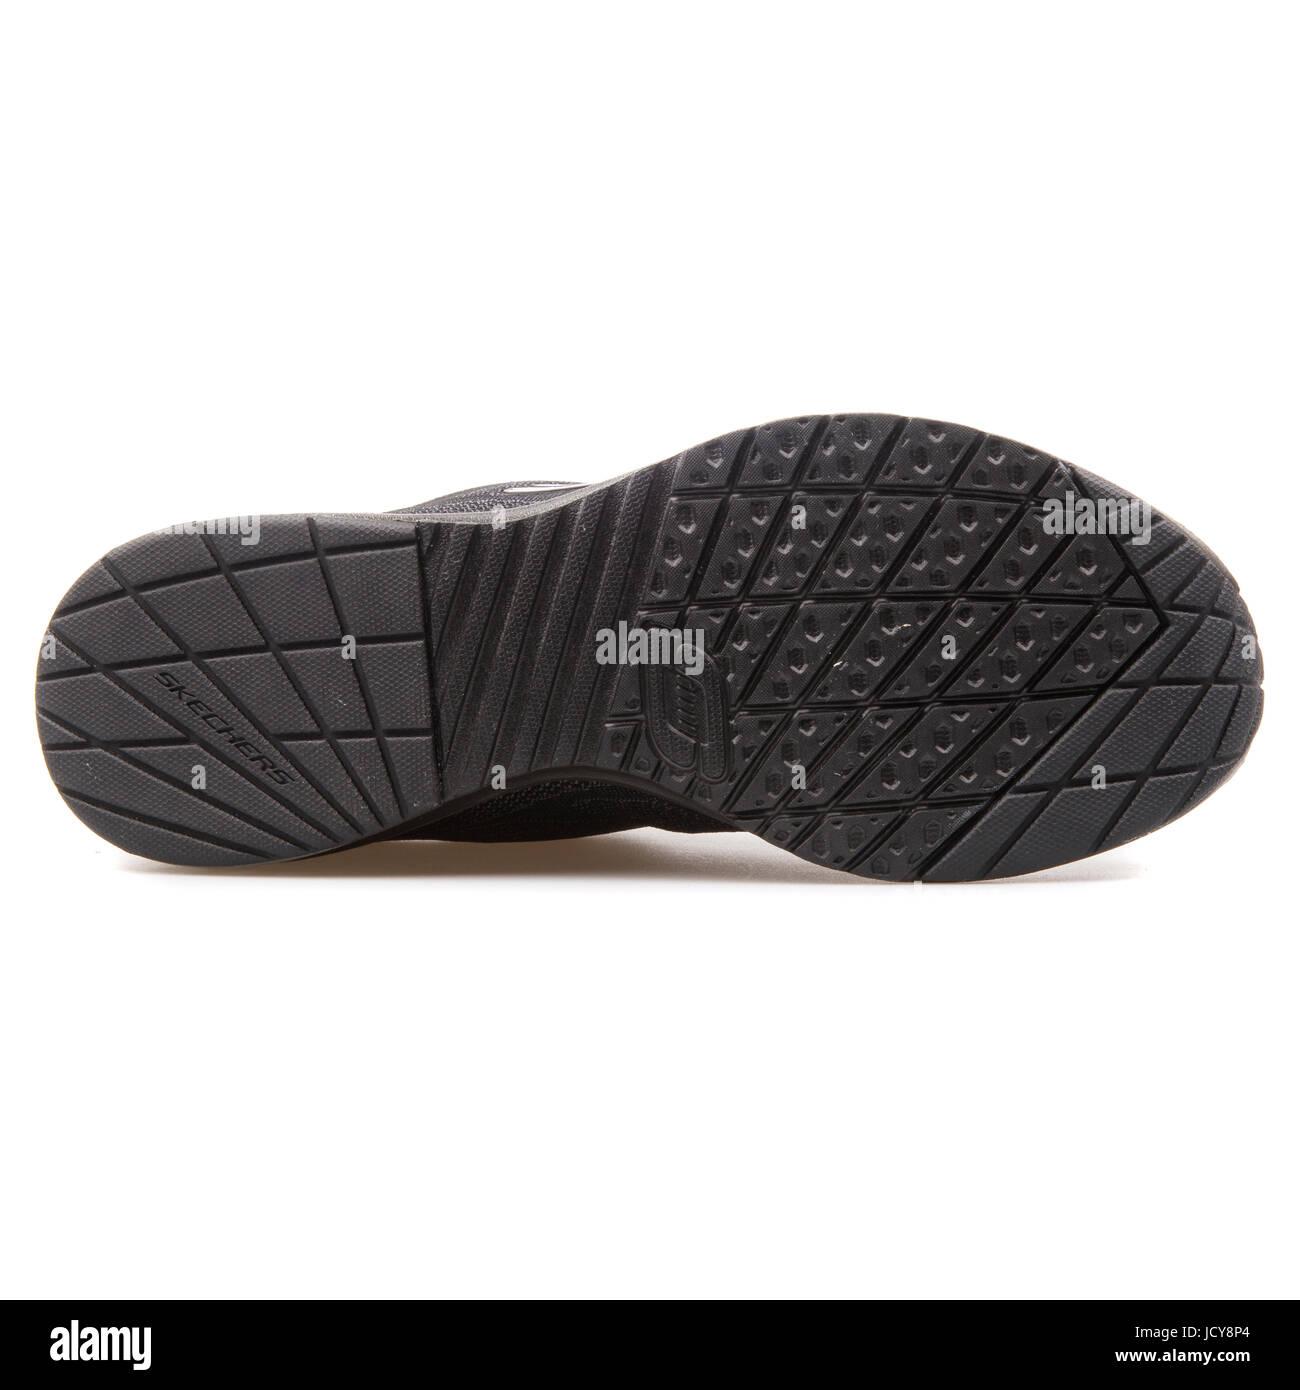 625c67297a2c38 Skechers Skech-Air l'infini des femmes noir chaussures running - 12111-BBK